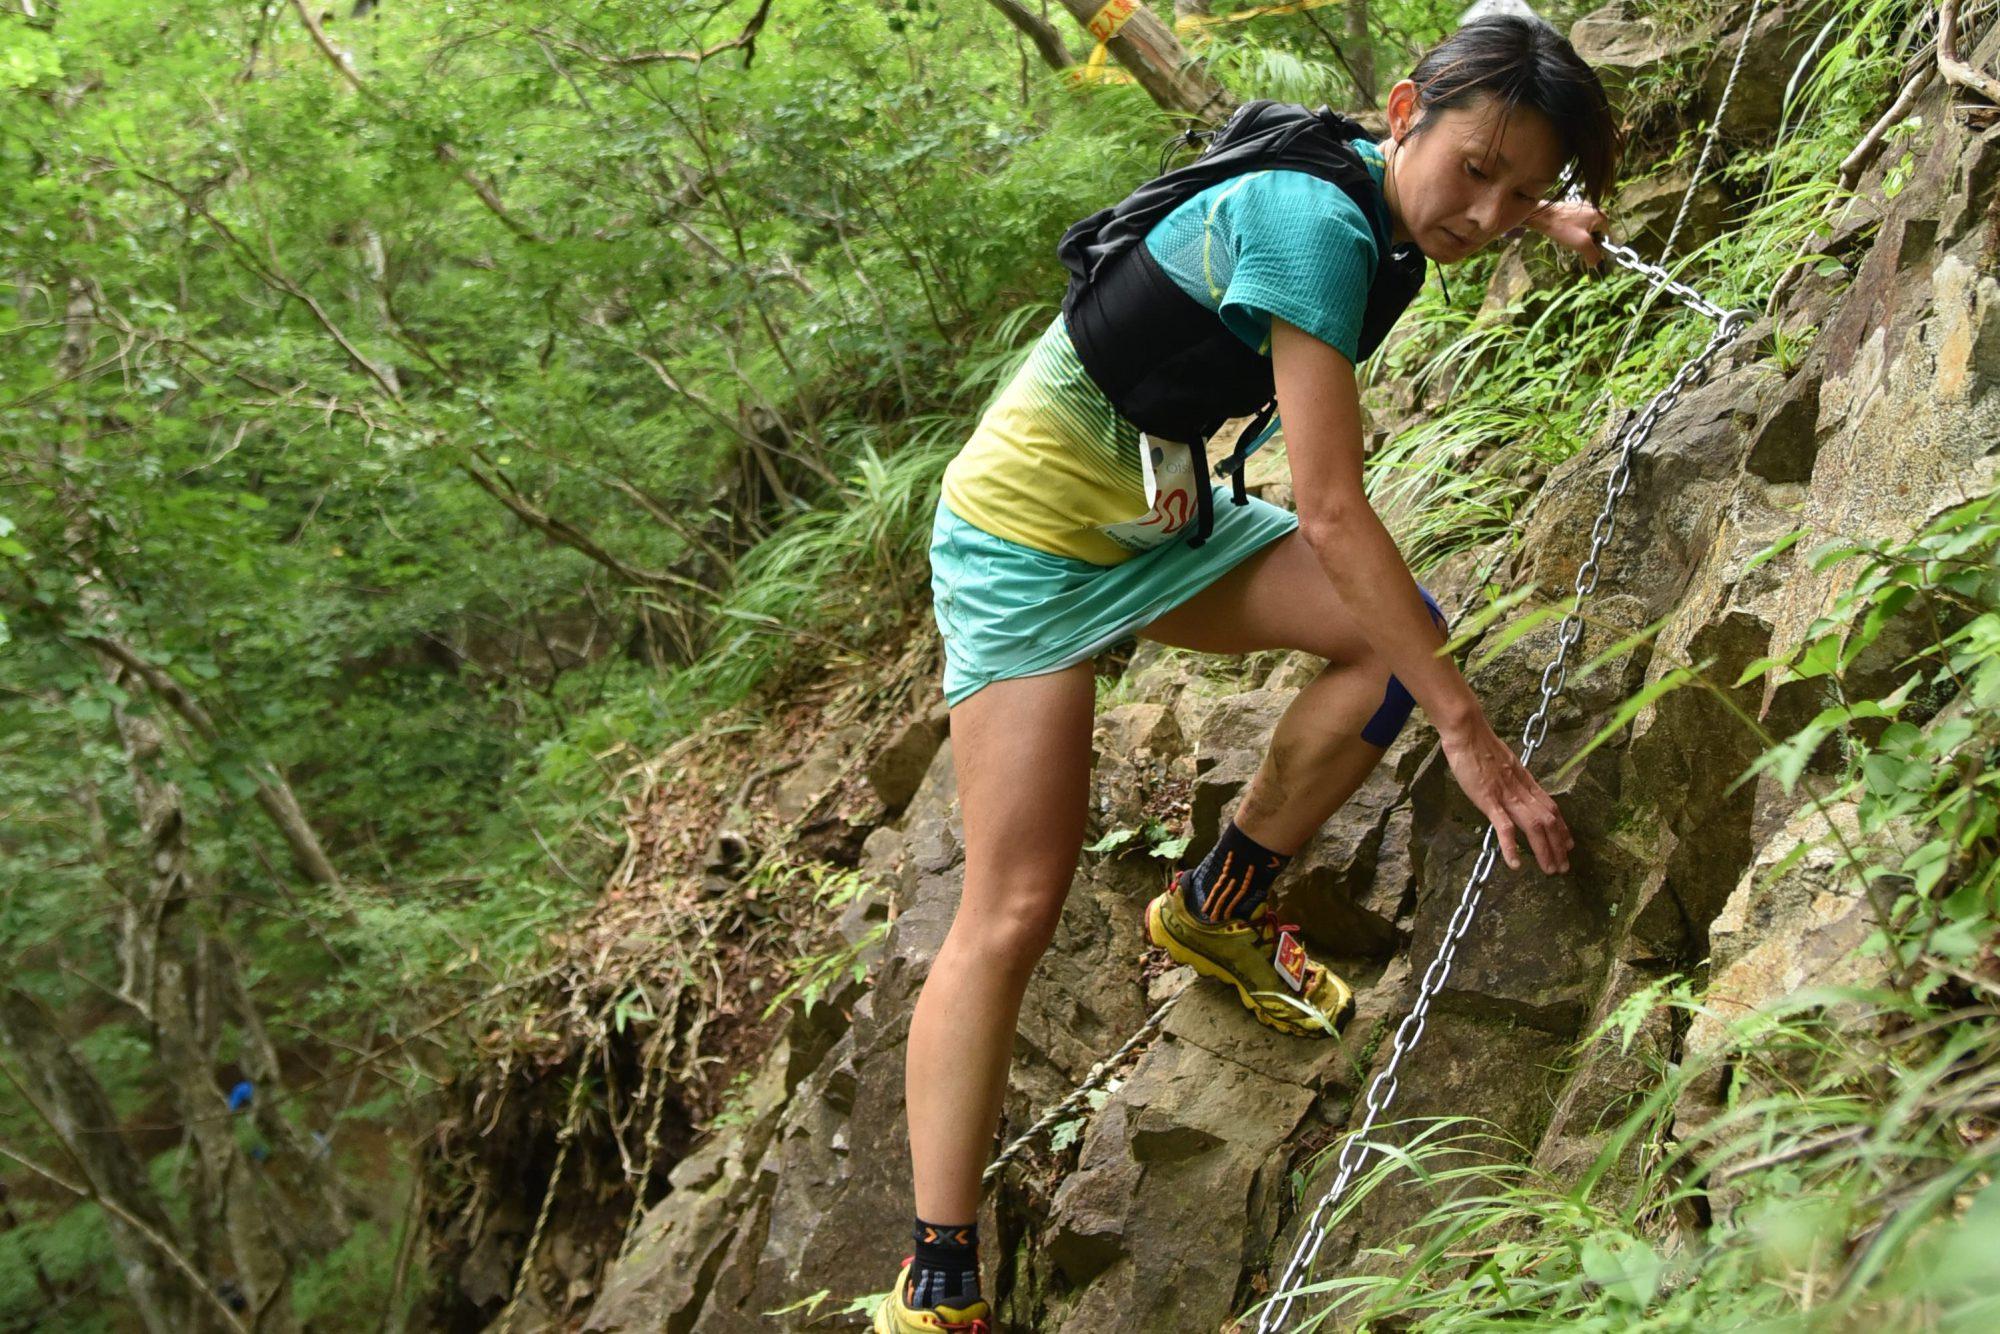 山岳に恵まれた山梨県勢の強さを見せた、福田 ©北丹沢12時間山岳耐久レース